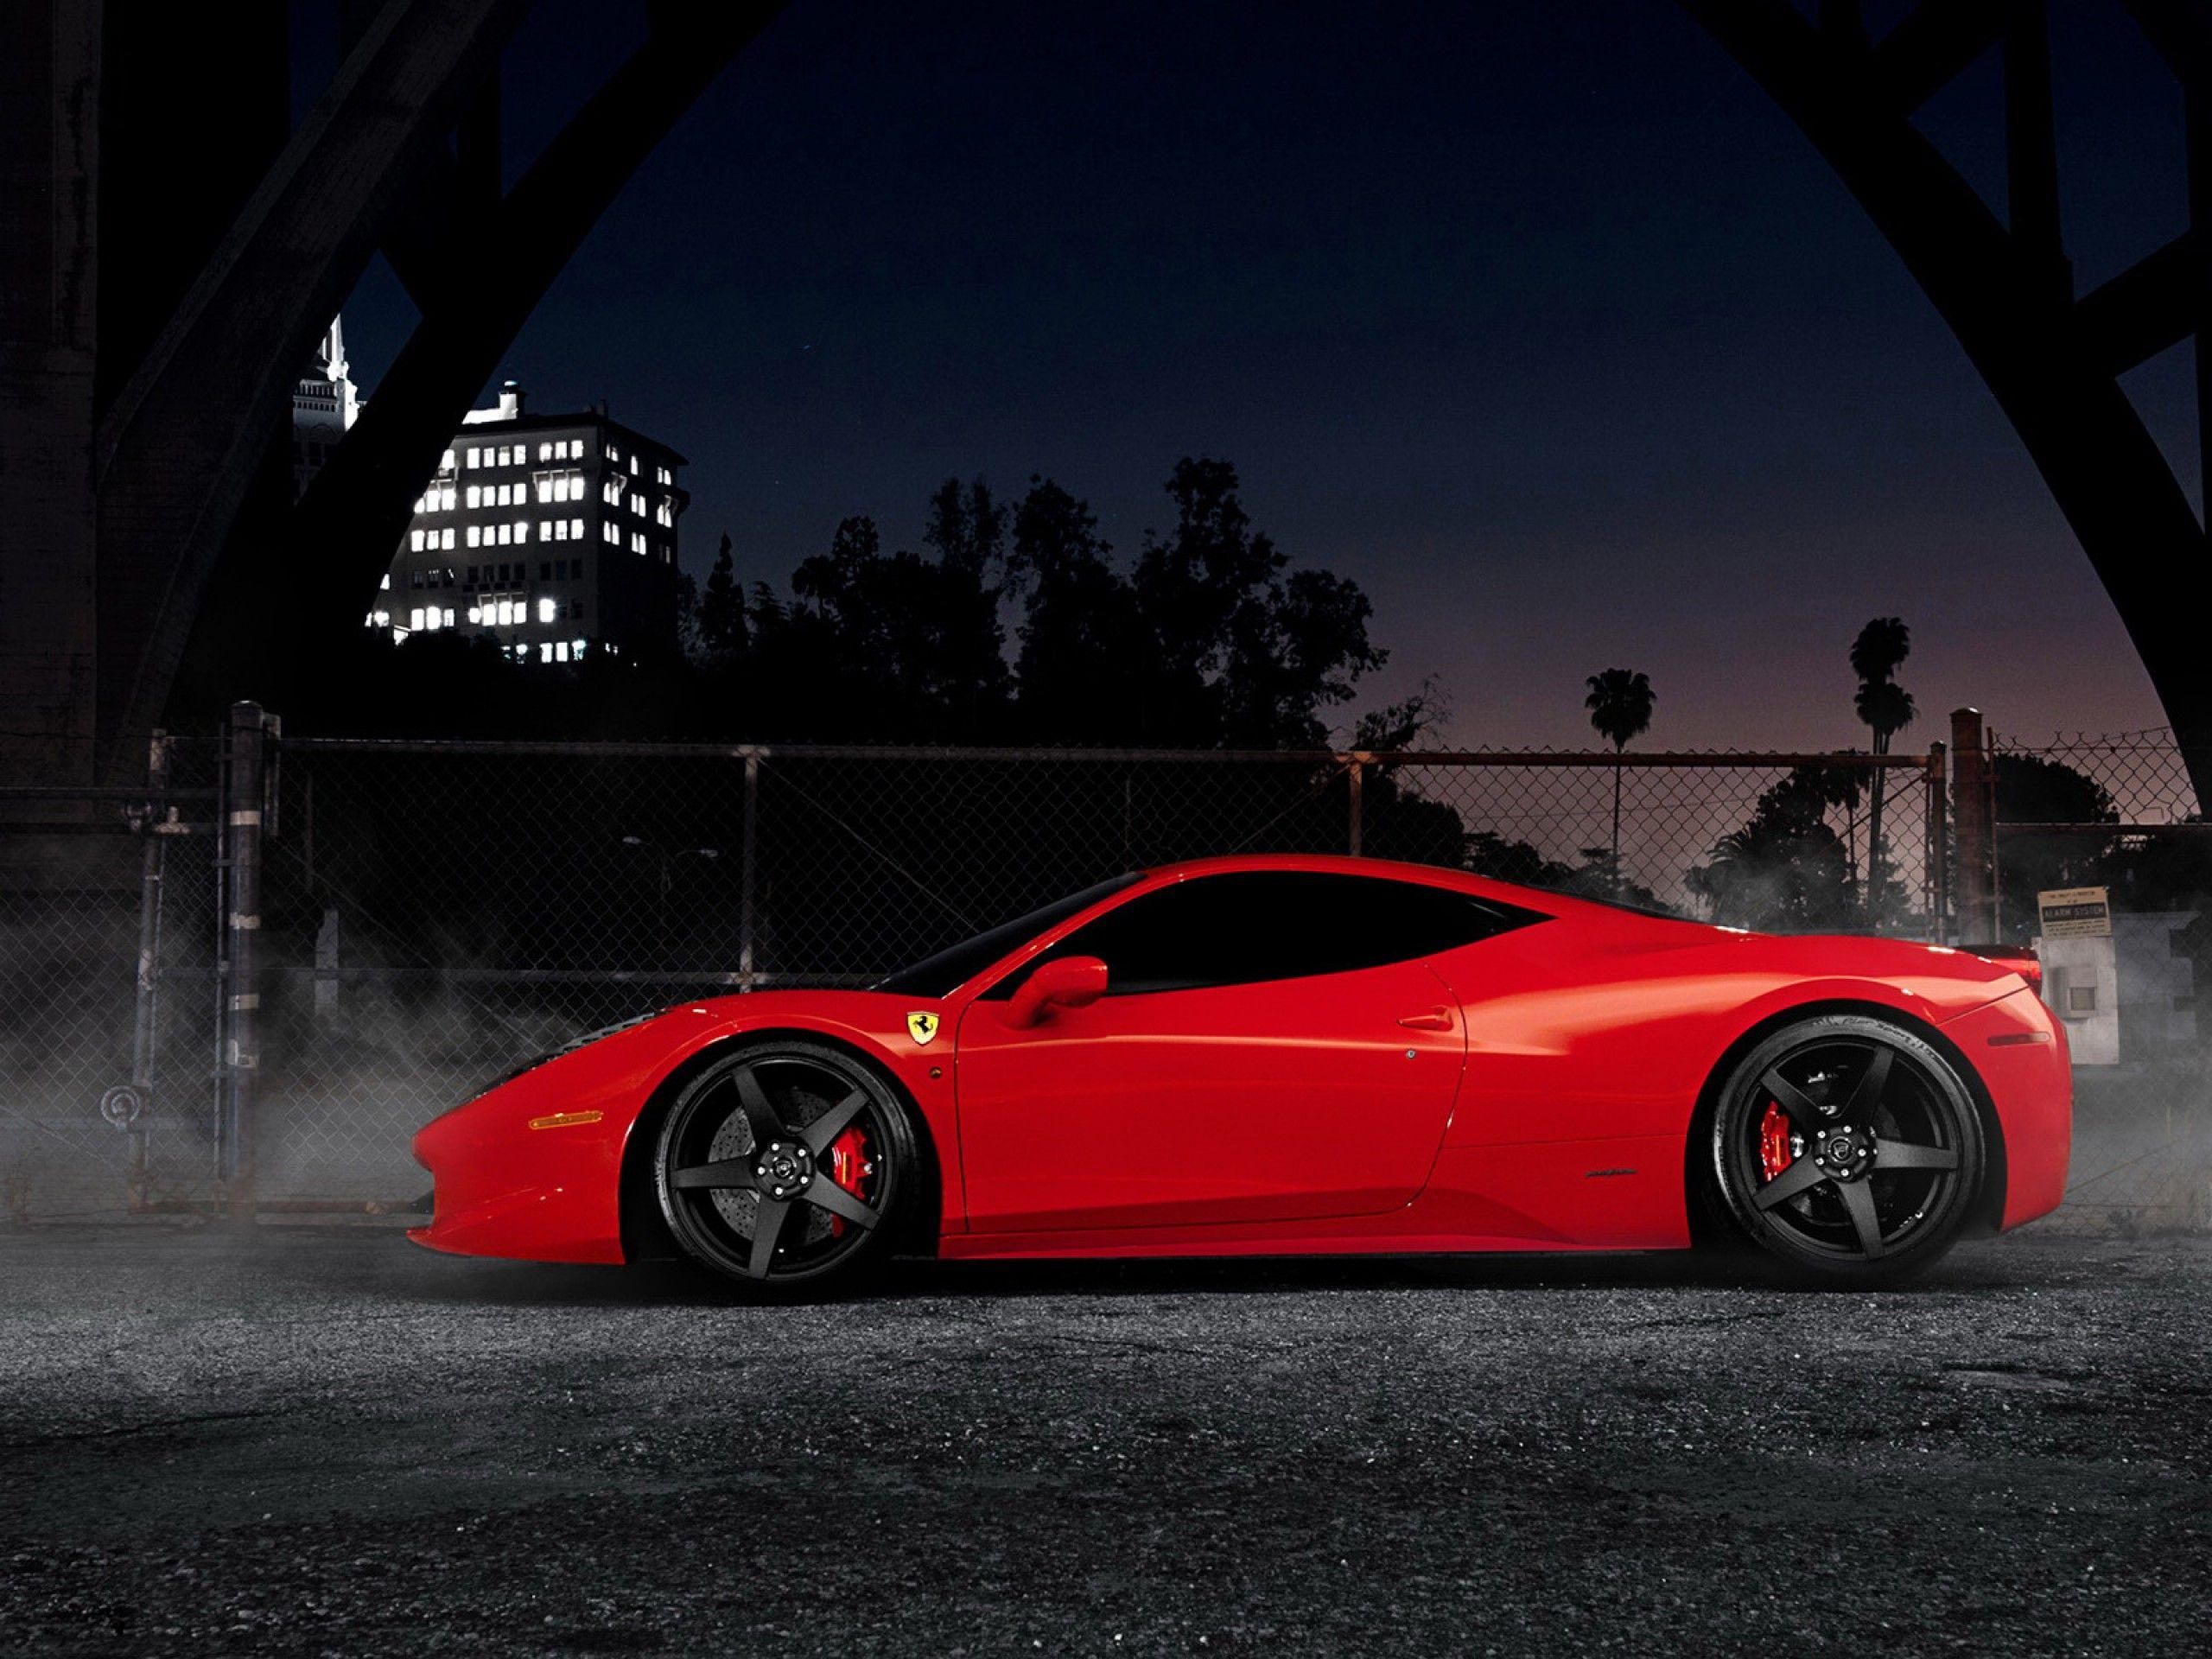 Red Ferrari 458 Spider Wallpaper Side View Coole Auto S Ferrari Auto S